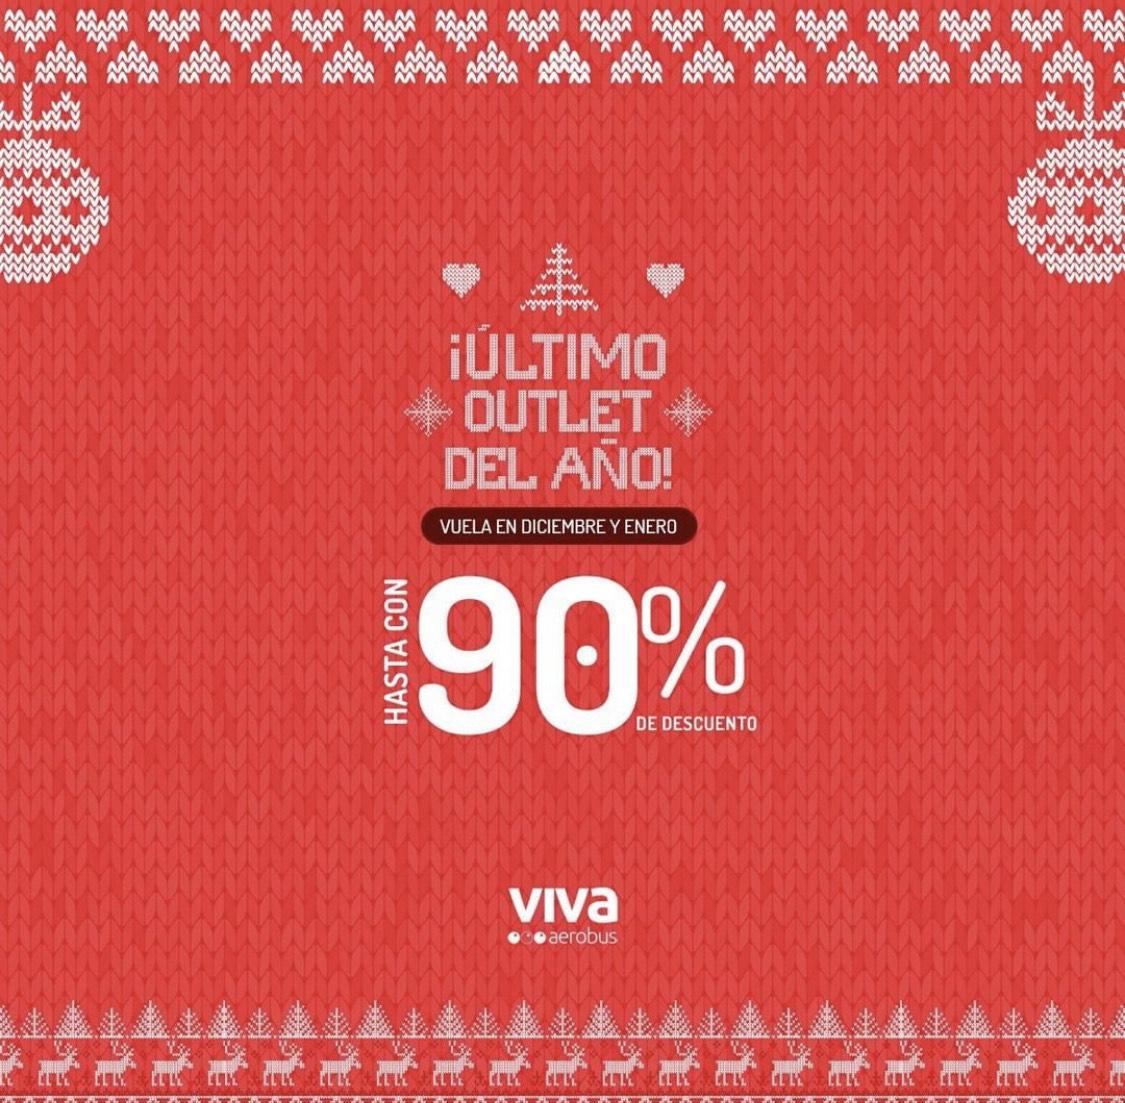 Vivaerobus: outlet hasta el 90%de descuento